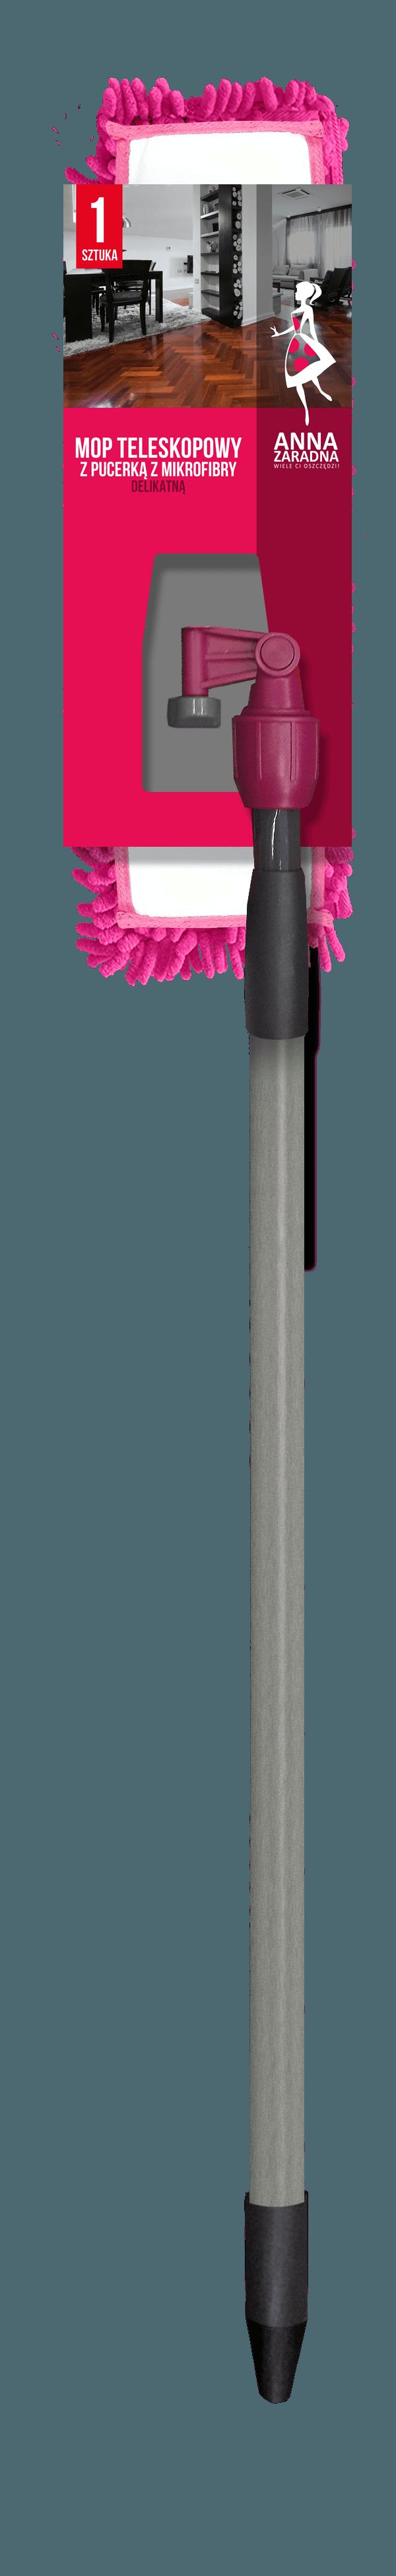 Mop teleskopowy z pucerką z mikrofibry DELIKATNĄ Anna Zaradna